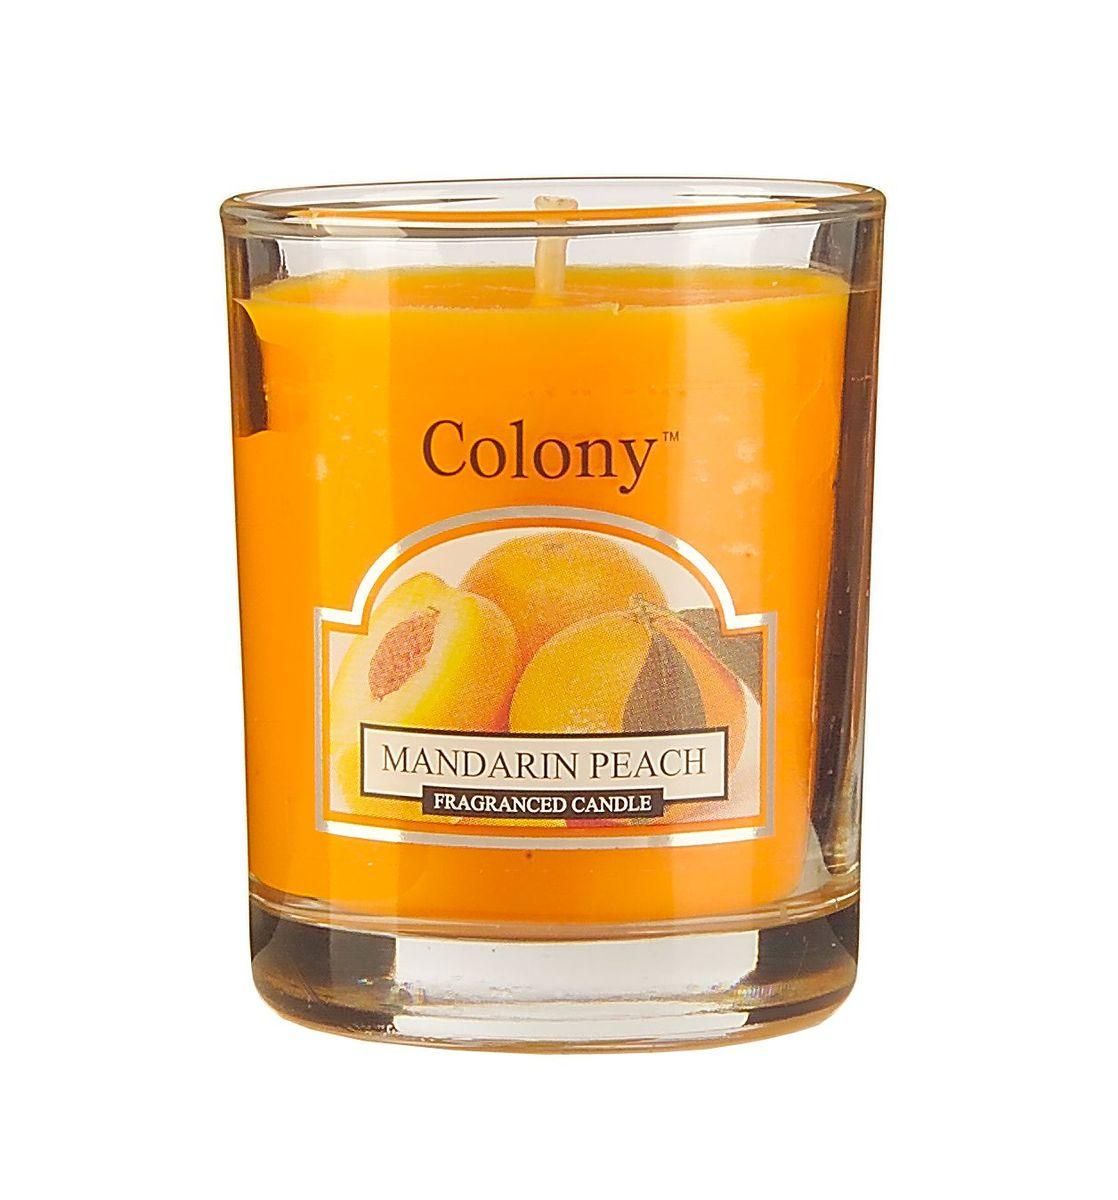 Свеча ароматическая лампадная Wax Lyrical Мандарин и персик, 14 часов, 130 гCH3618Свеча ароматическая лампадная Wax Lyrical Мандарин и персик имеет бодрящий аромат спелого персика и сладкого мандарина.